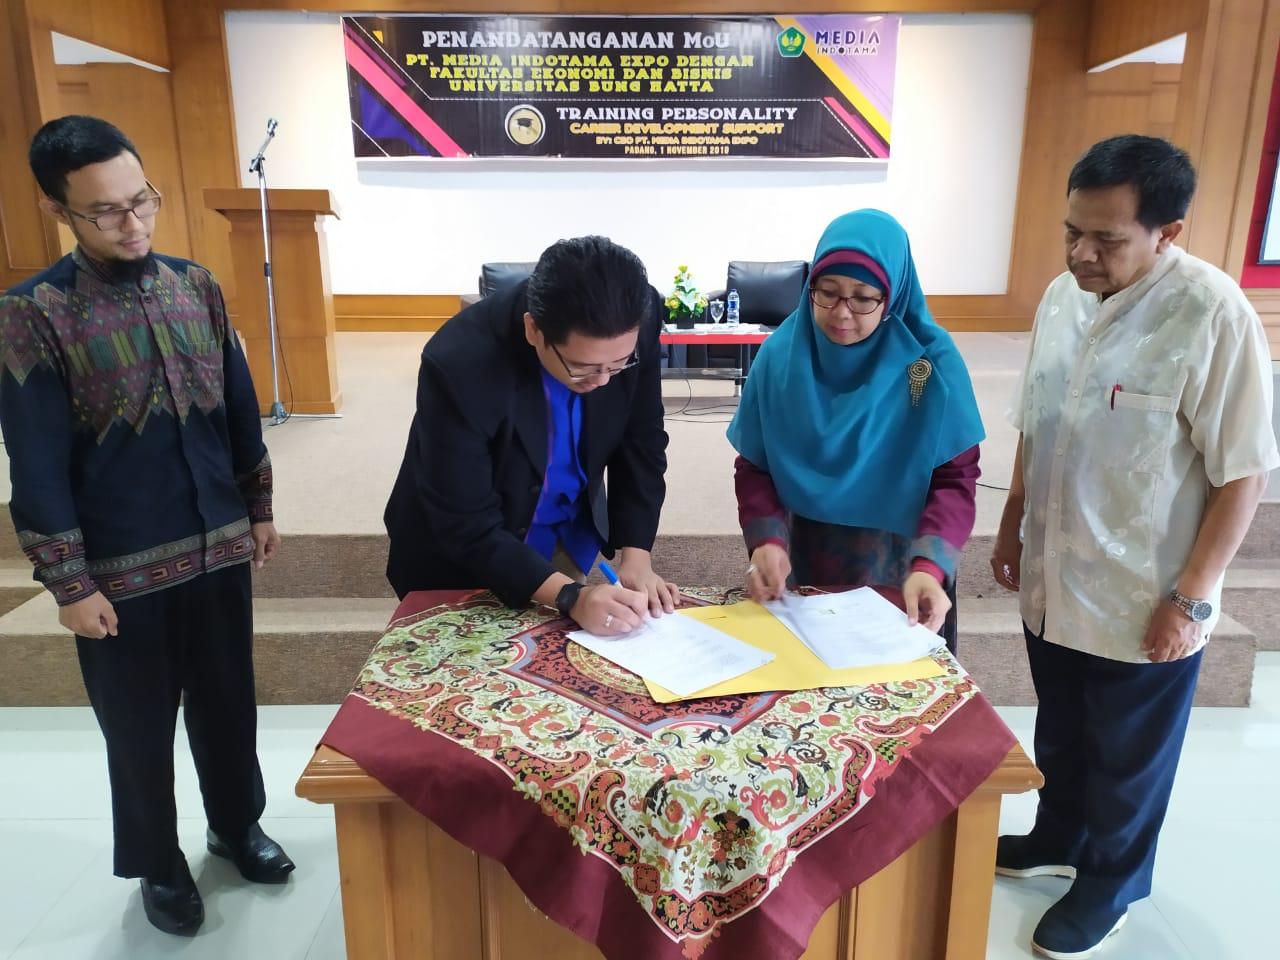 PT Media Indotama Expo dengan Fakultas Ekonomi dan Bisnis UBH Tanda Tangani Perjanjian Kerja Sama